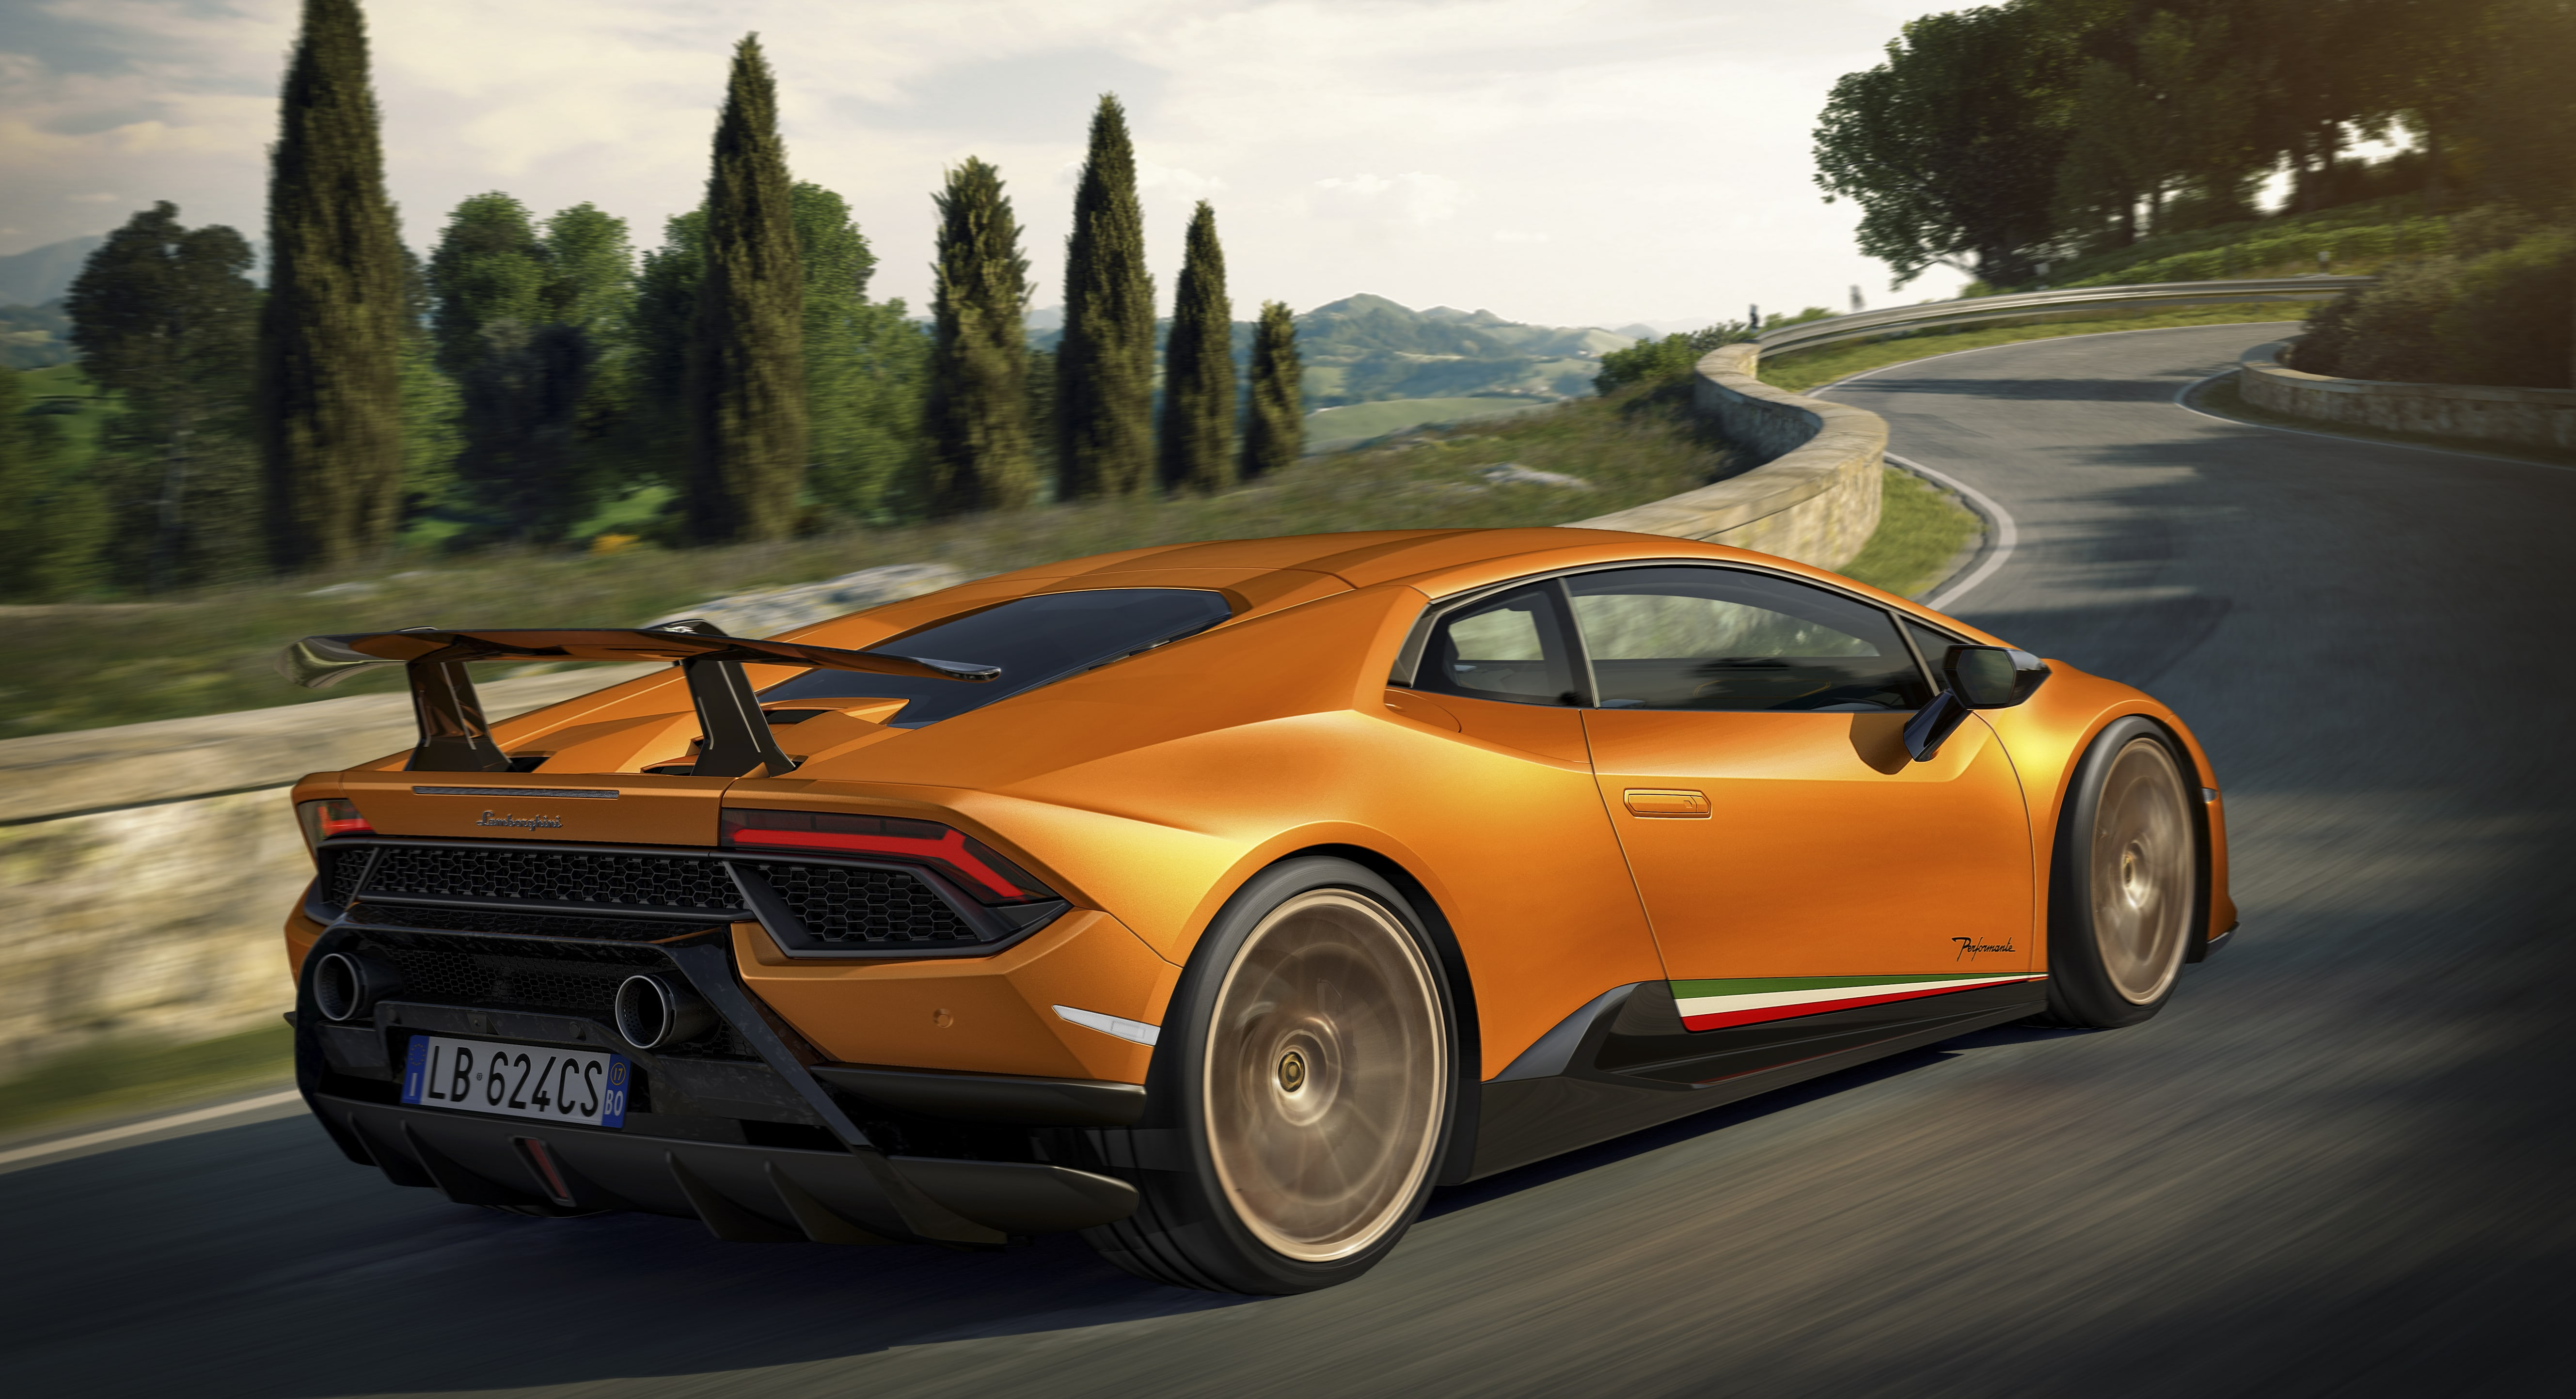 Nuova Lamborghini Huracán Performante